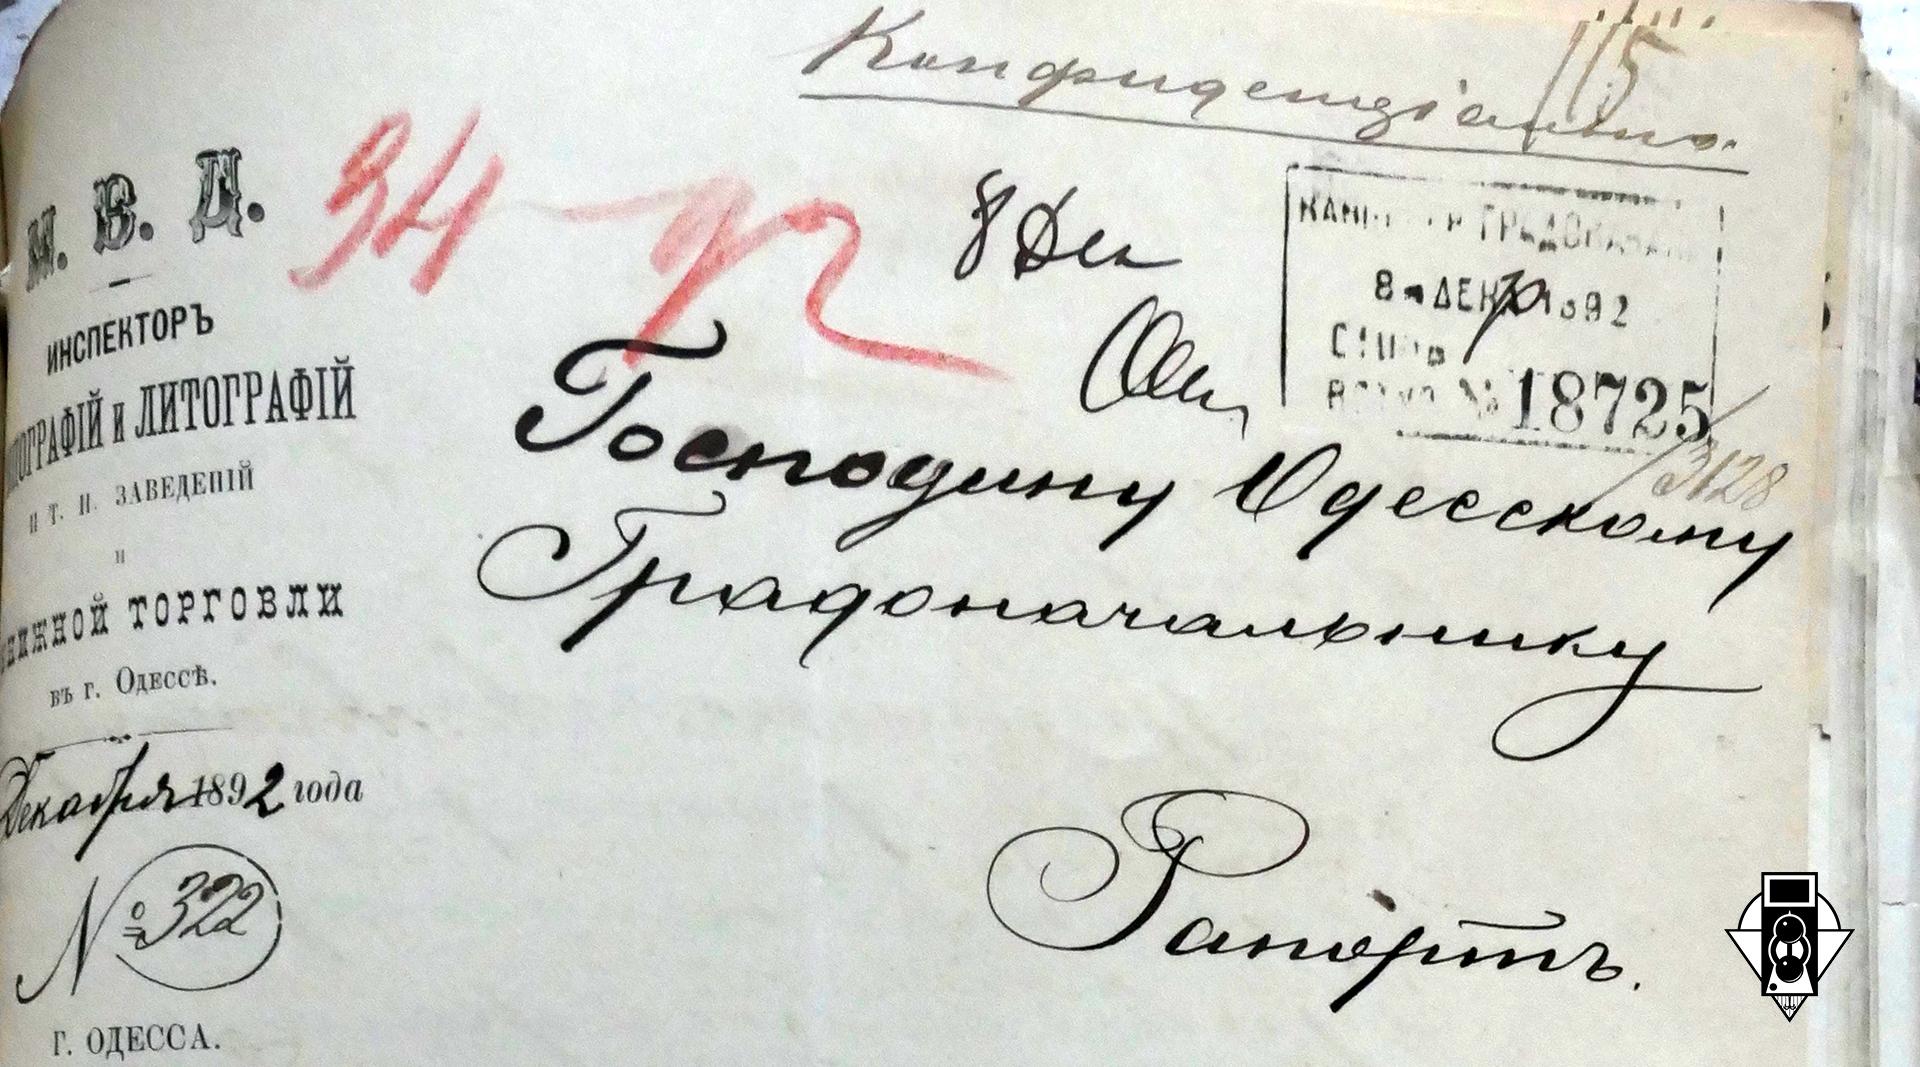 Архивный рапорт на незаконное использование фотографий. 1890-1892 гг.